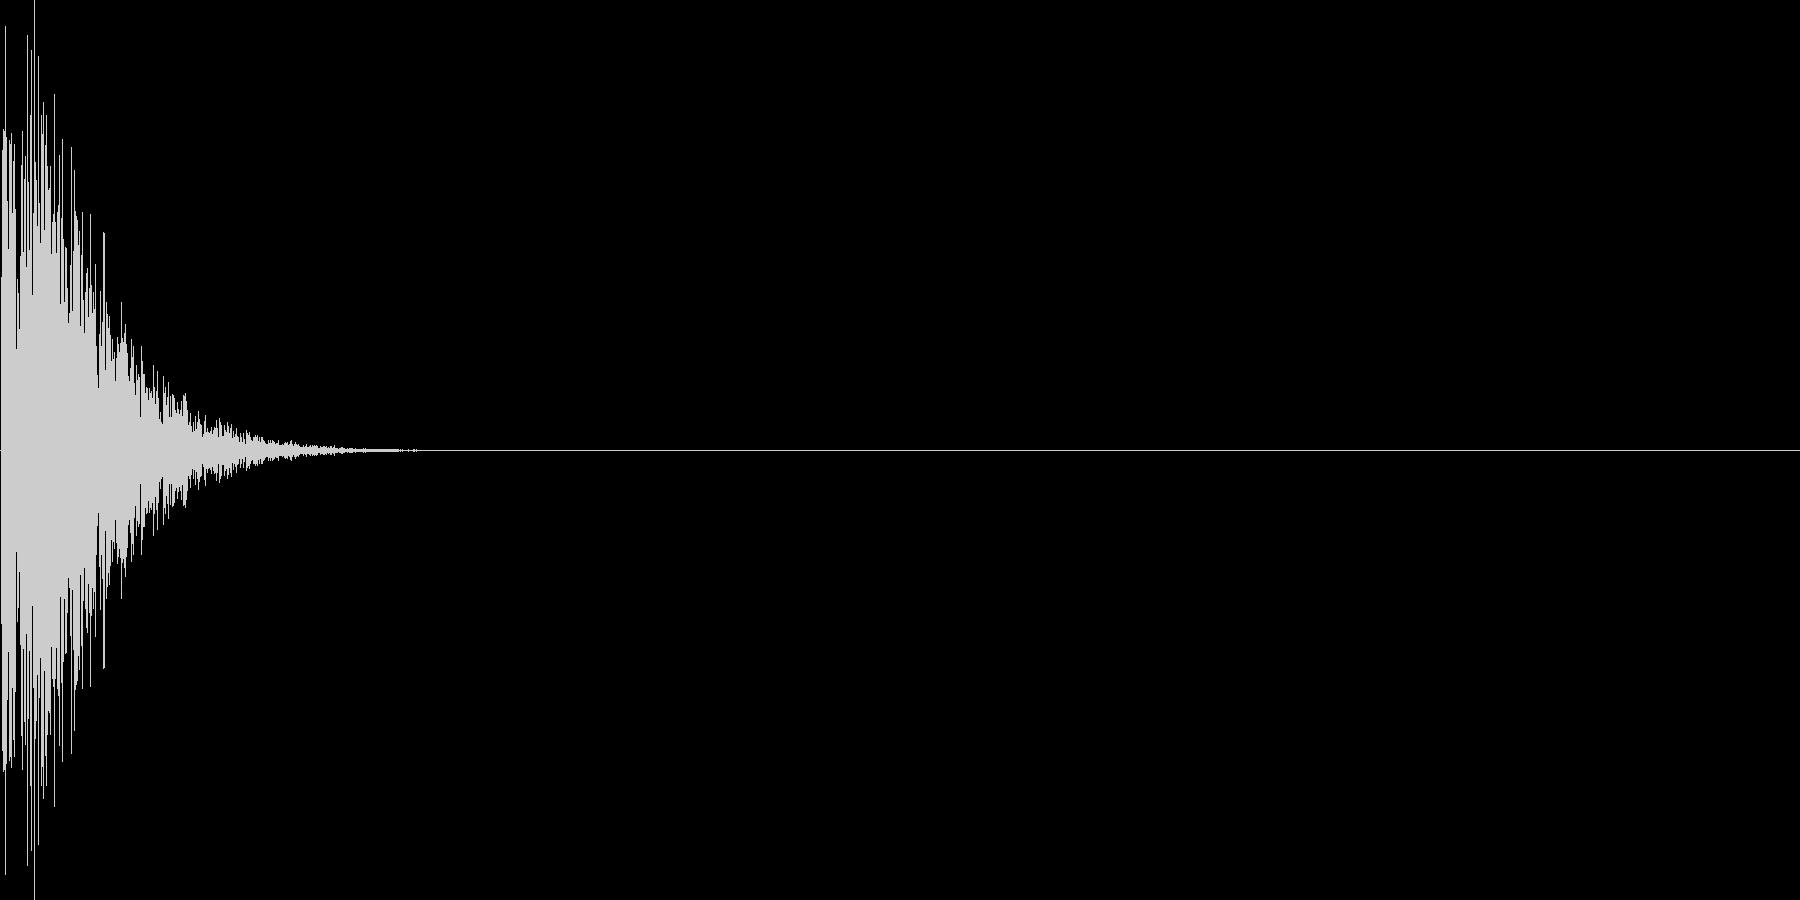 ゲーム・バラエティ的なパンチ音_01の未再生の波形